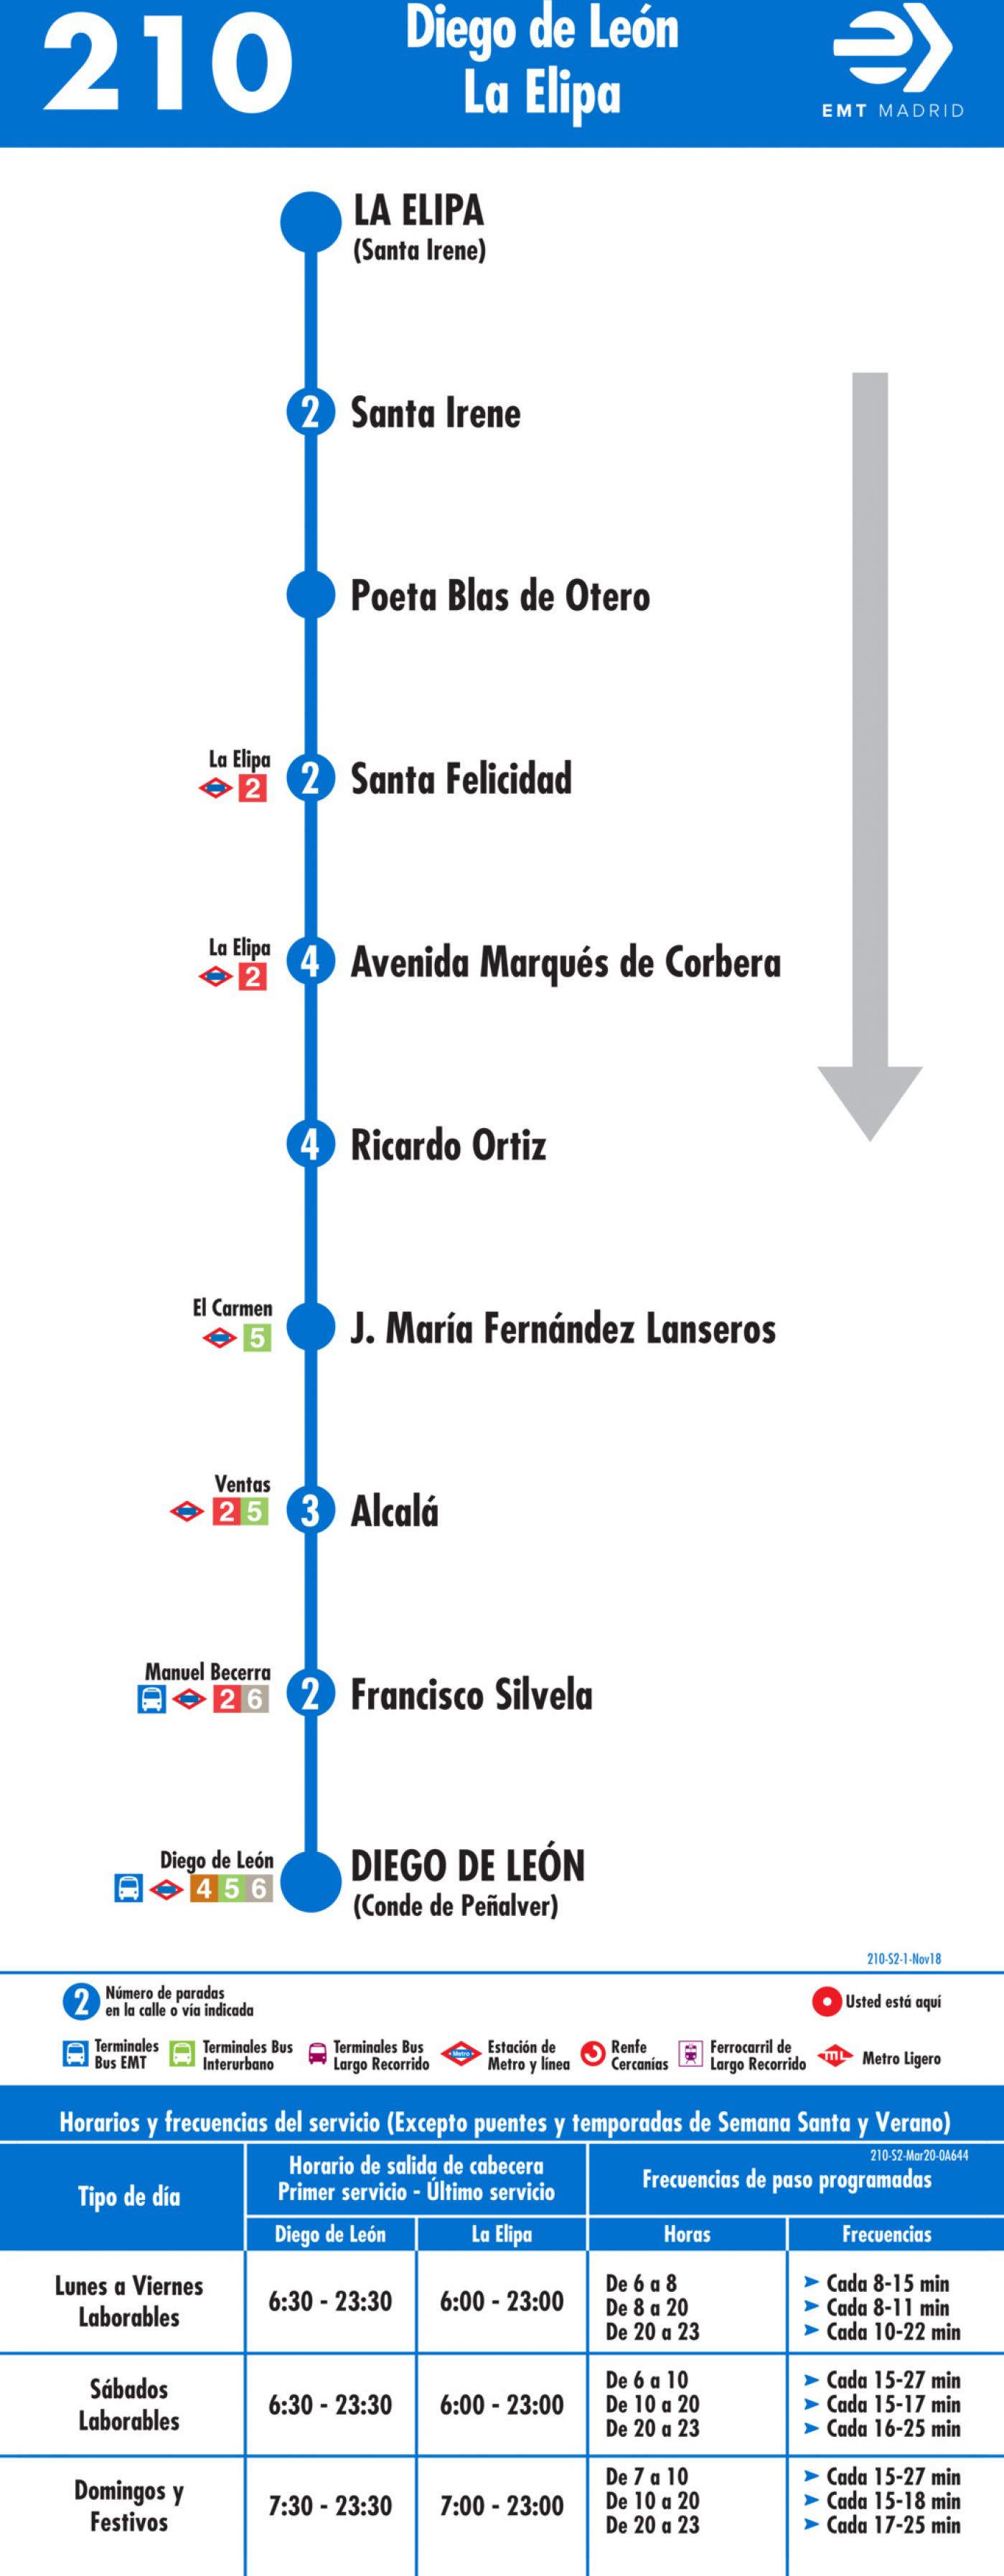 Tabla de horarios y frecuencias de paso en sentido vuelta Línea 210: Plaza de Manuel Becerra - La Elipa